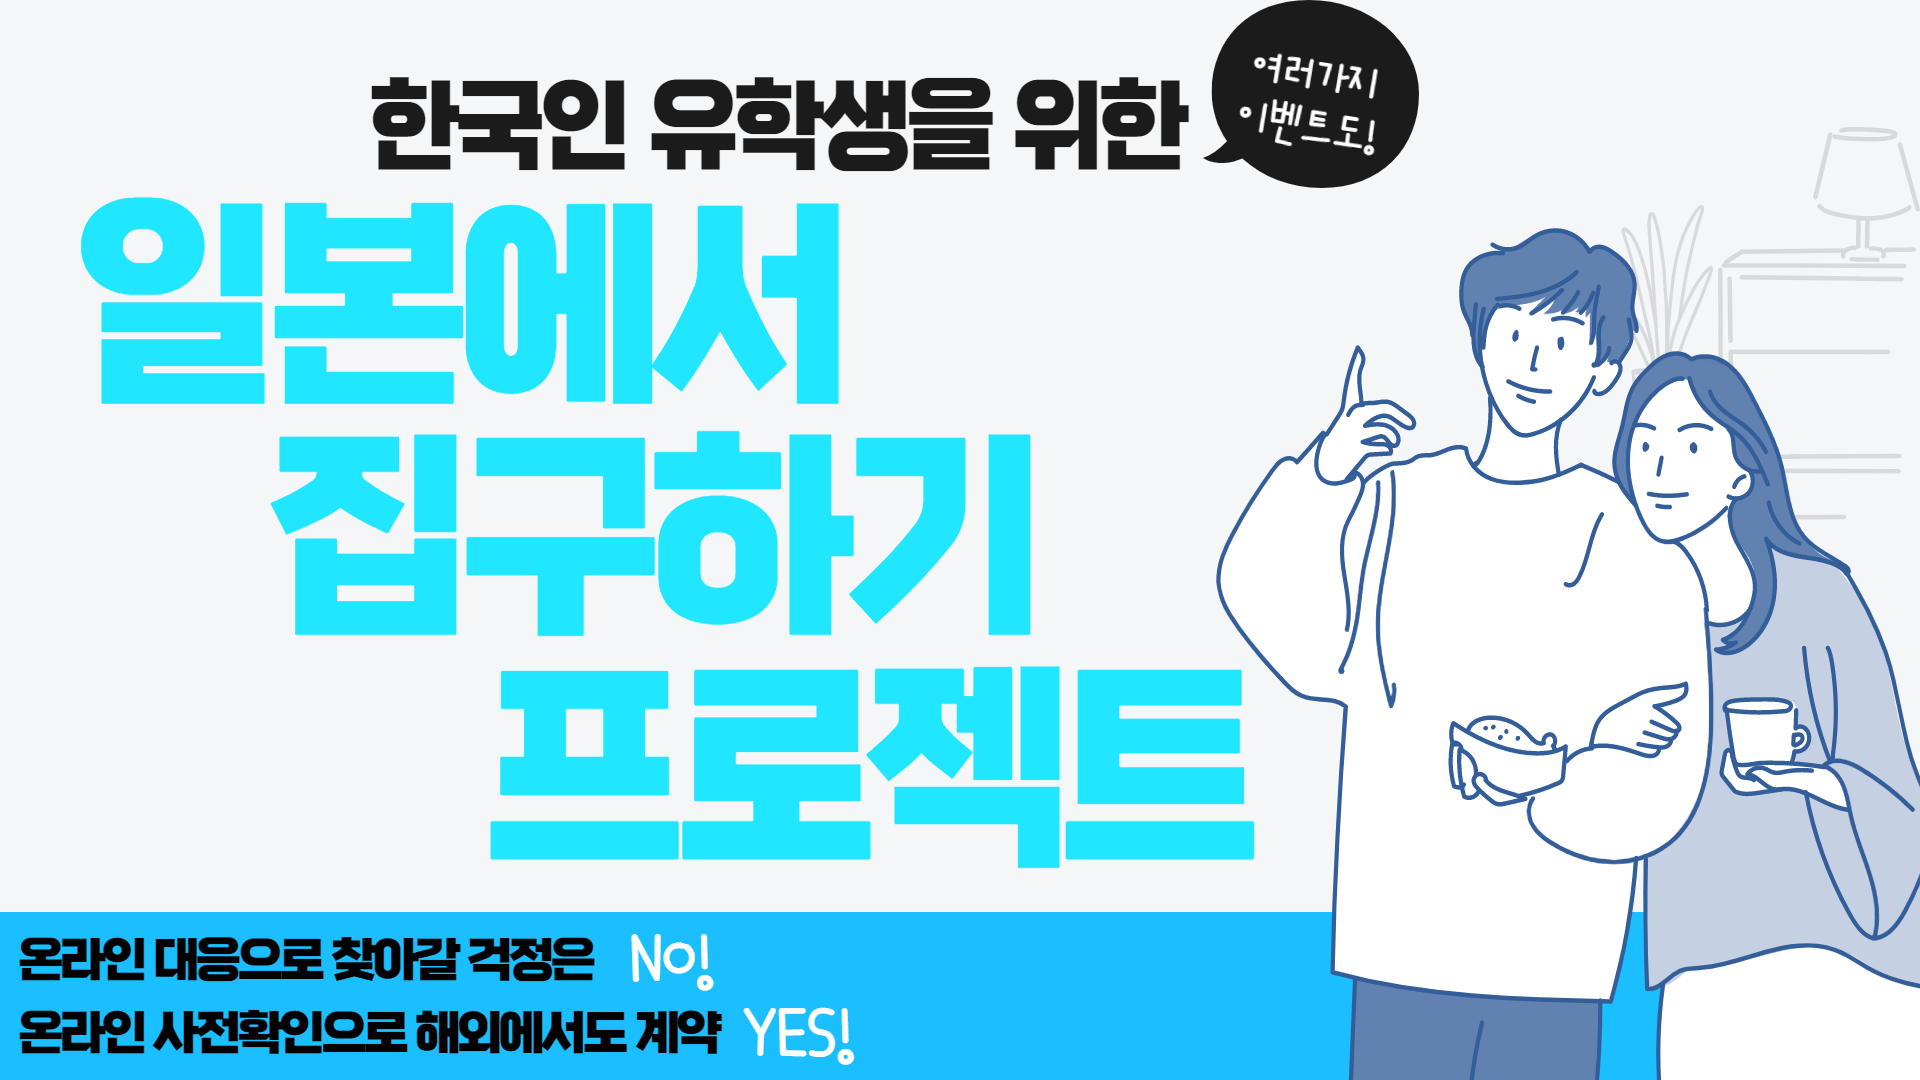 [자취방을 찾고 있는 당신에게 필독!] 일본에서 자취방을 찾고 있는 한국인 유학생을 온라인으로 지원합니다!